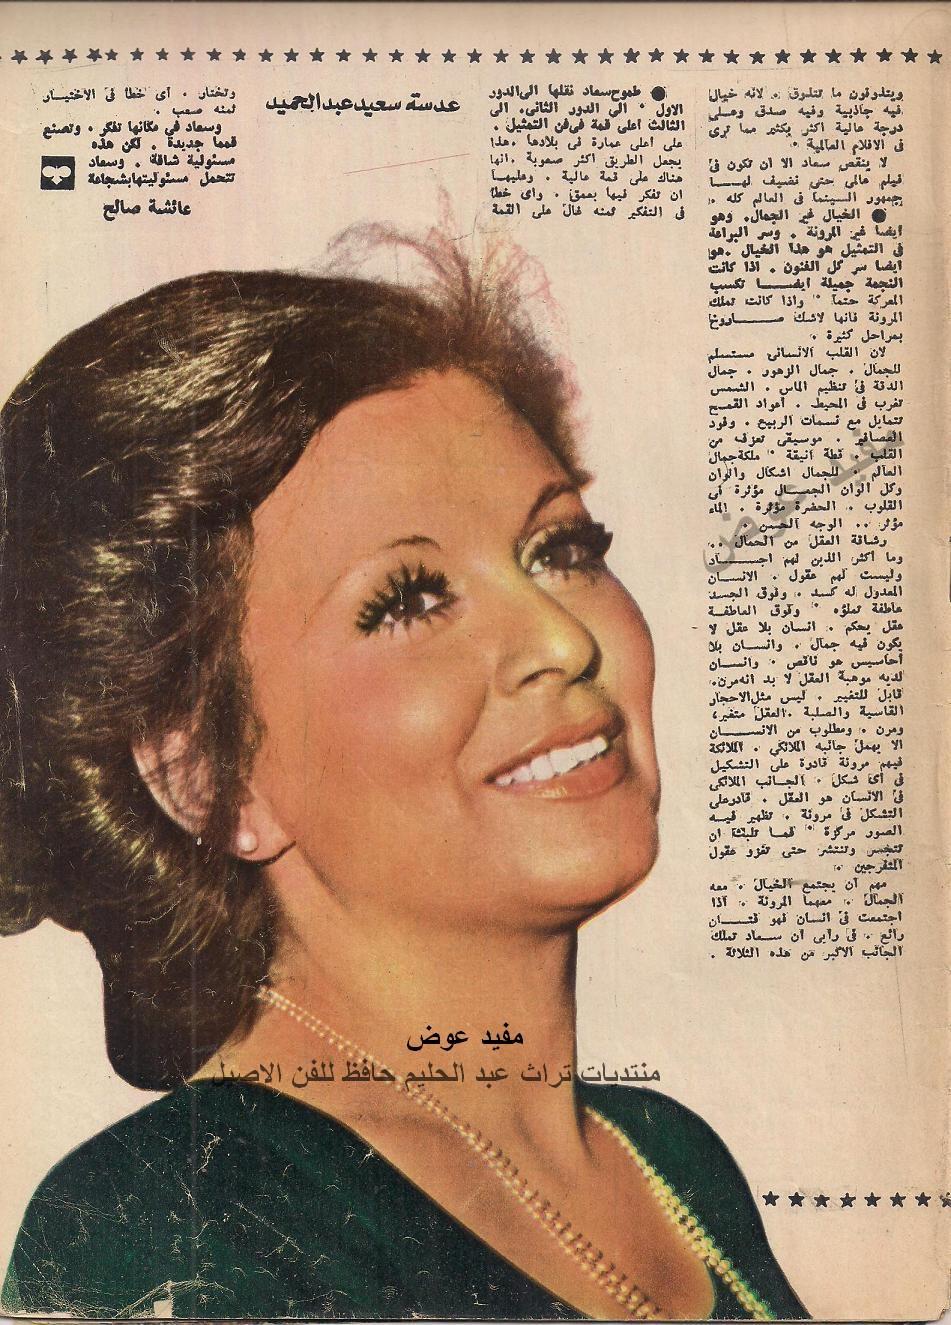 مقال صحفي : ماهي الخطوة التالية ياسعاد ؟ 1976 م 371